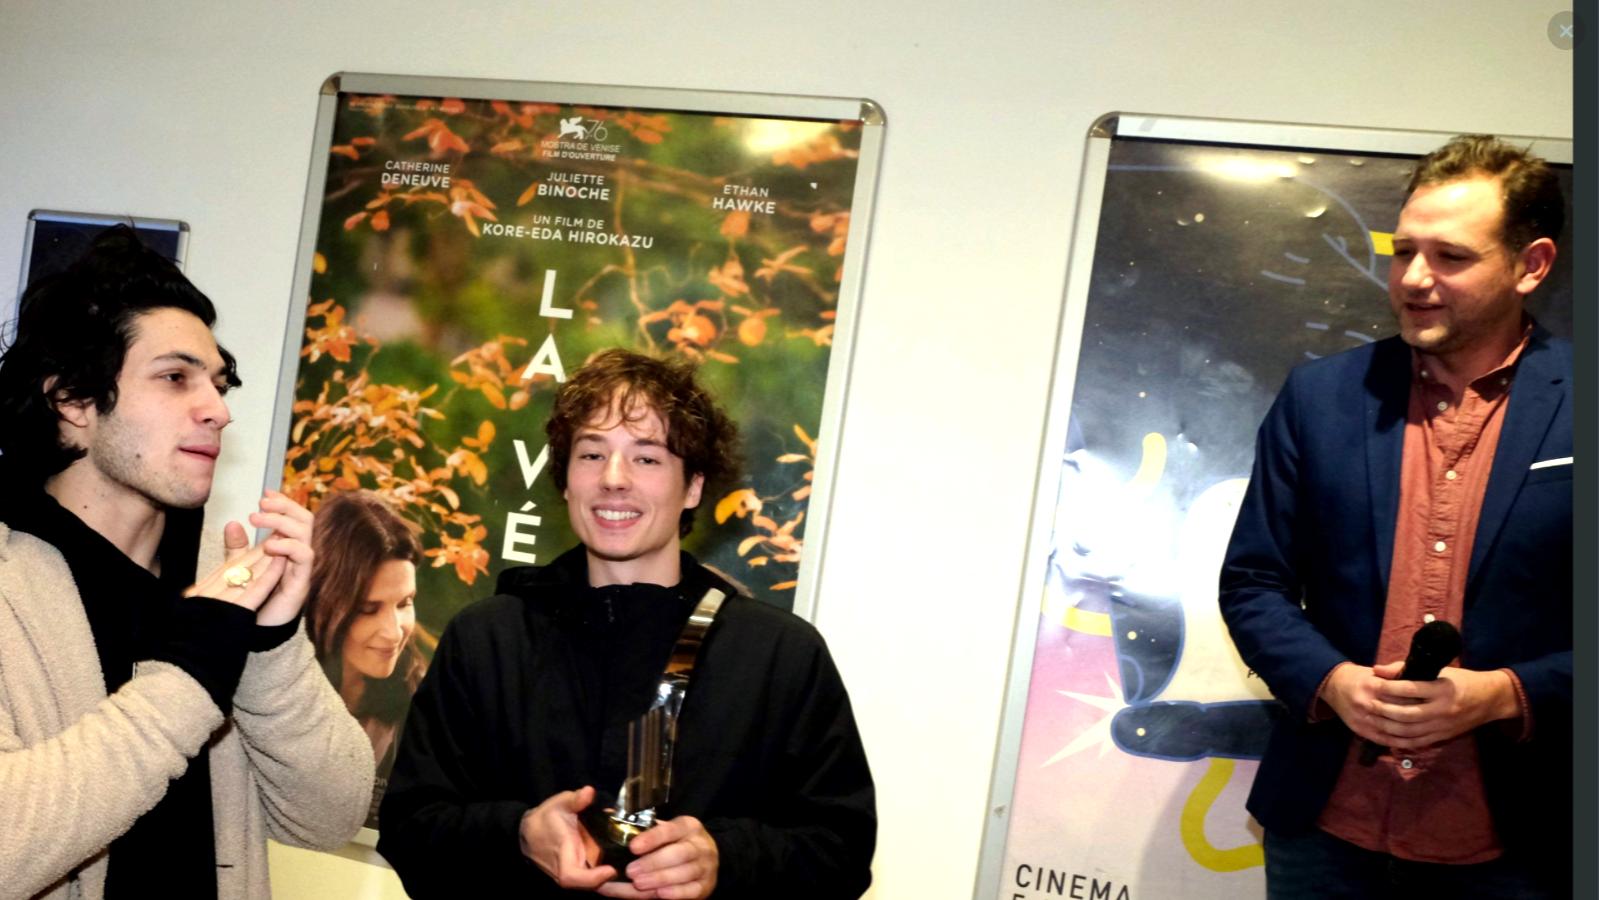 Léopold Kraus et son film VIRTUEL remporte le prix du public